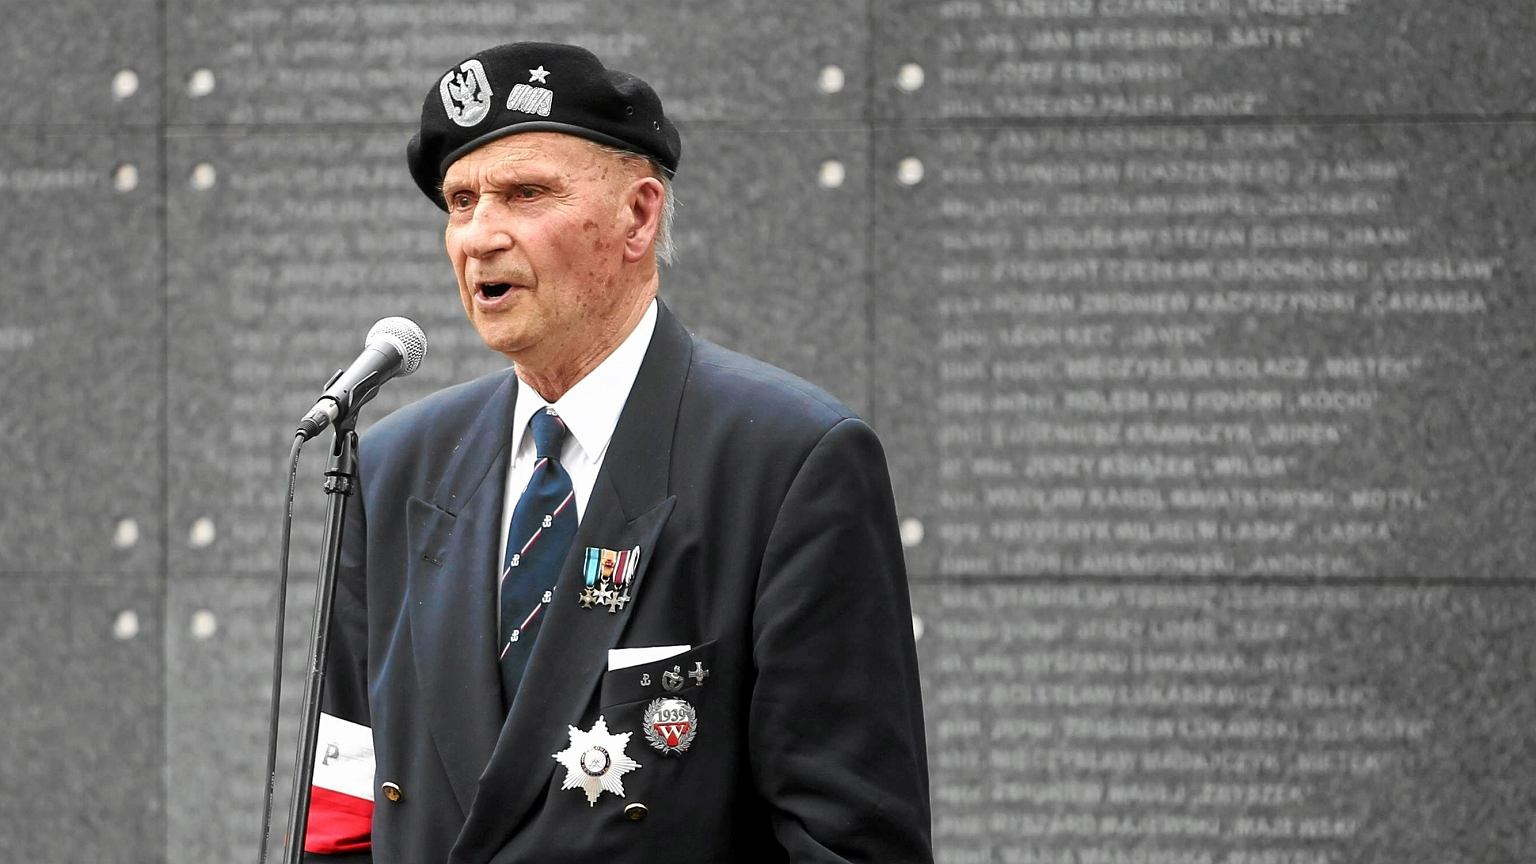 Generał Zbigiew Ścibor-Rylski